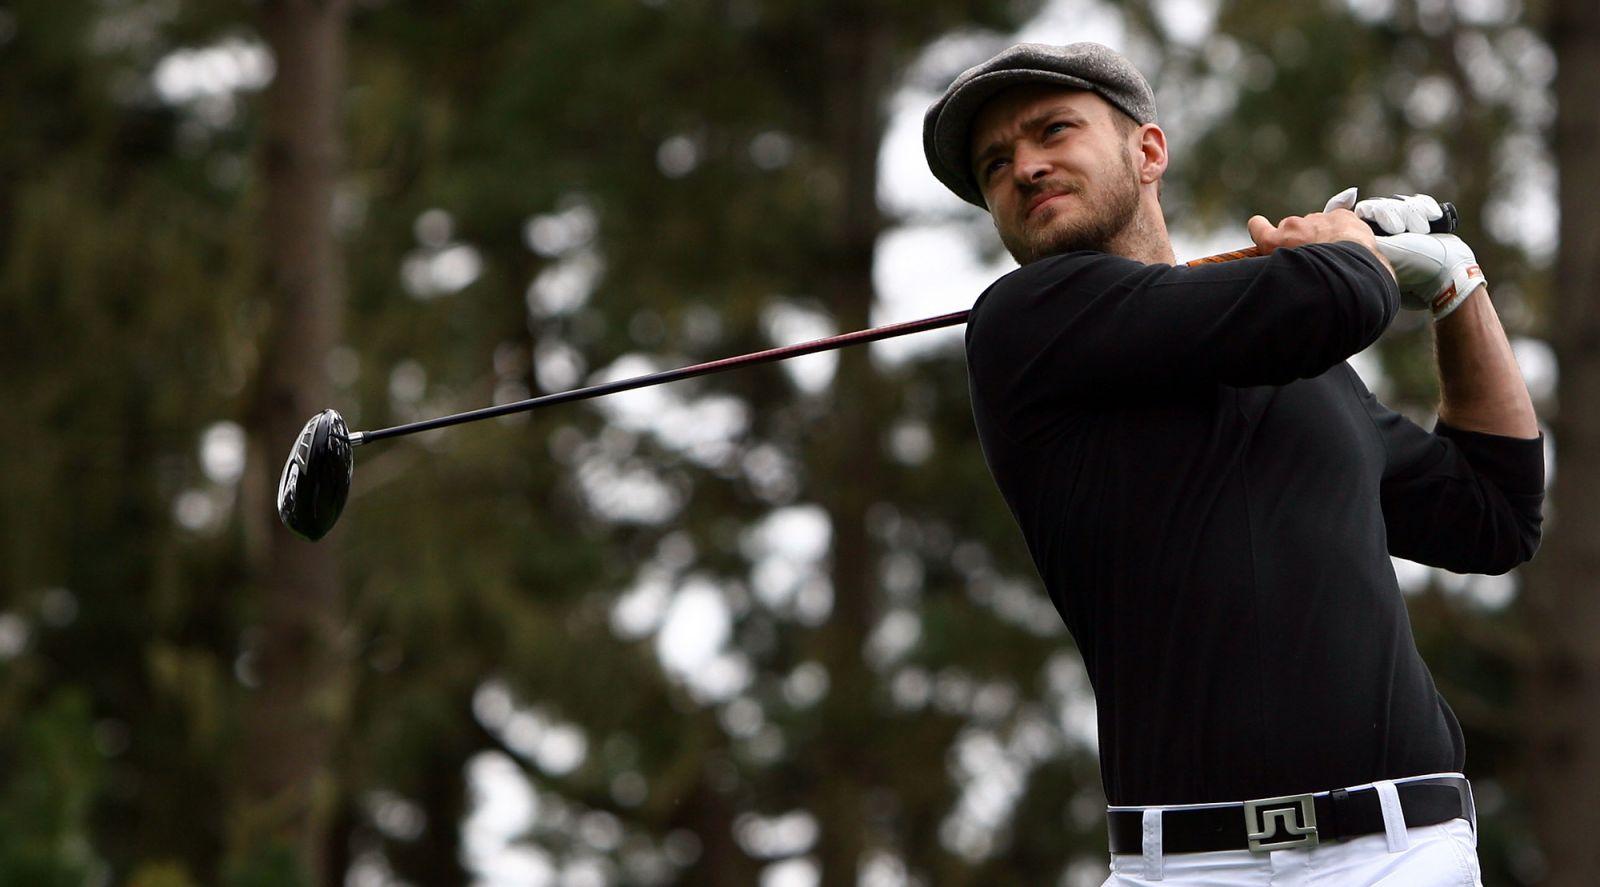 Джастин Тимберлейк завоевал кубок на соревнованиях по гольфу